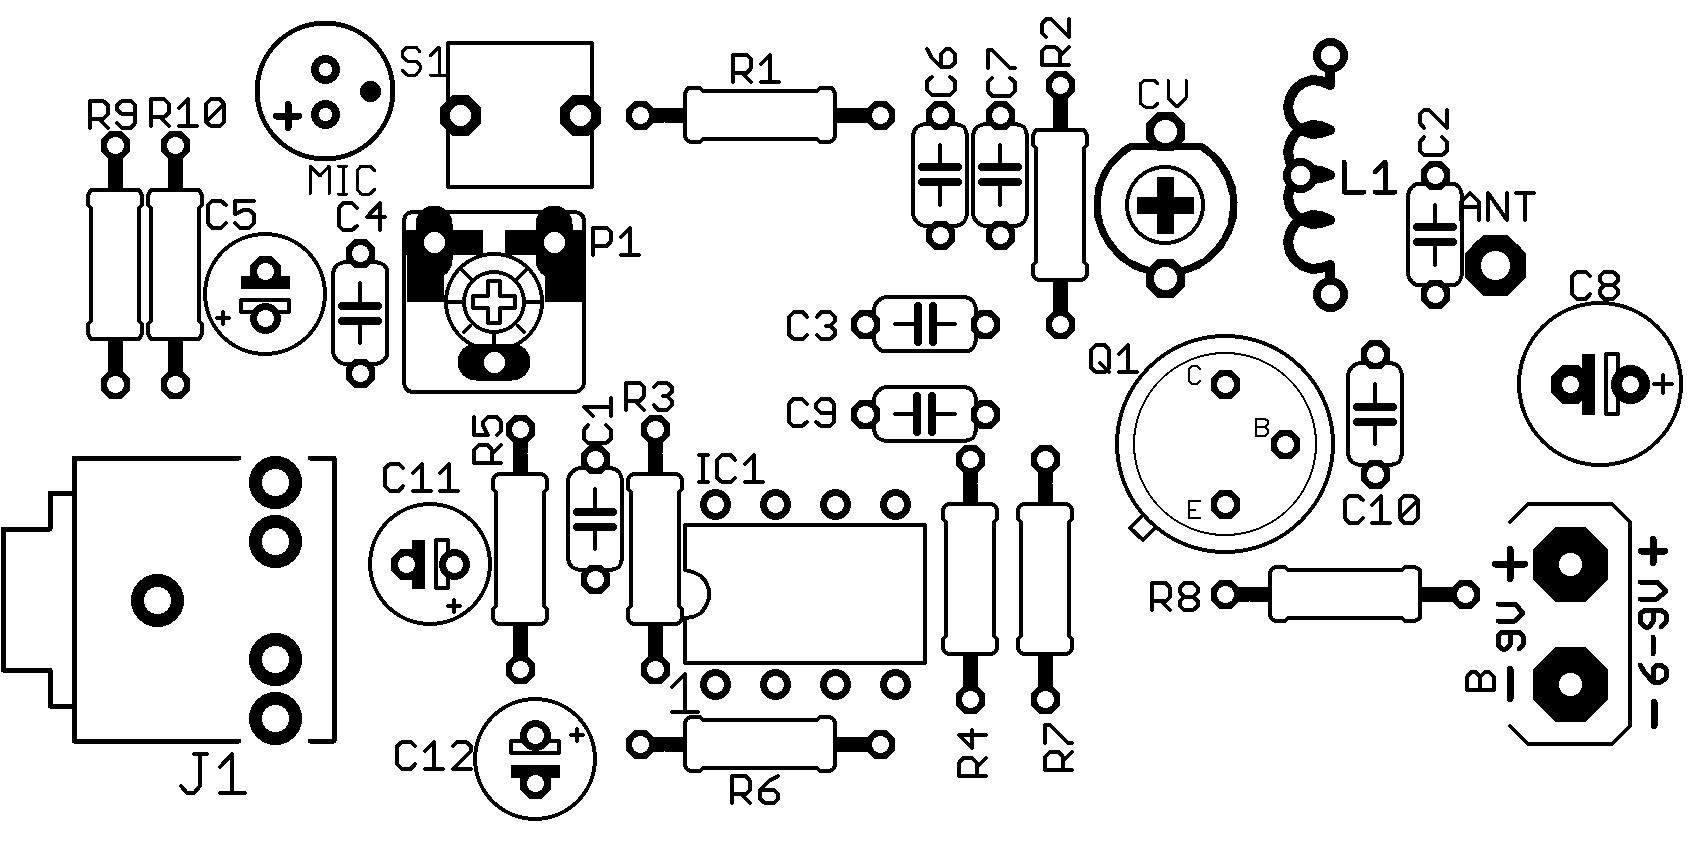 circuito de transmissor de fm com 2n2218 para celular